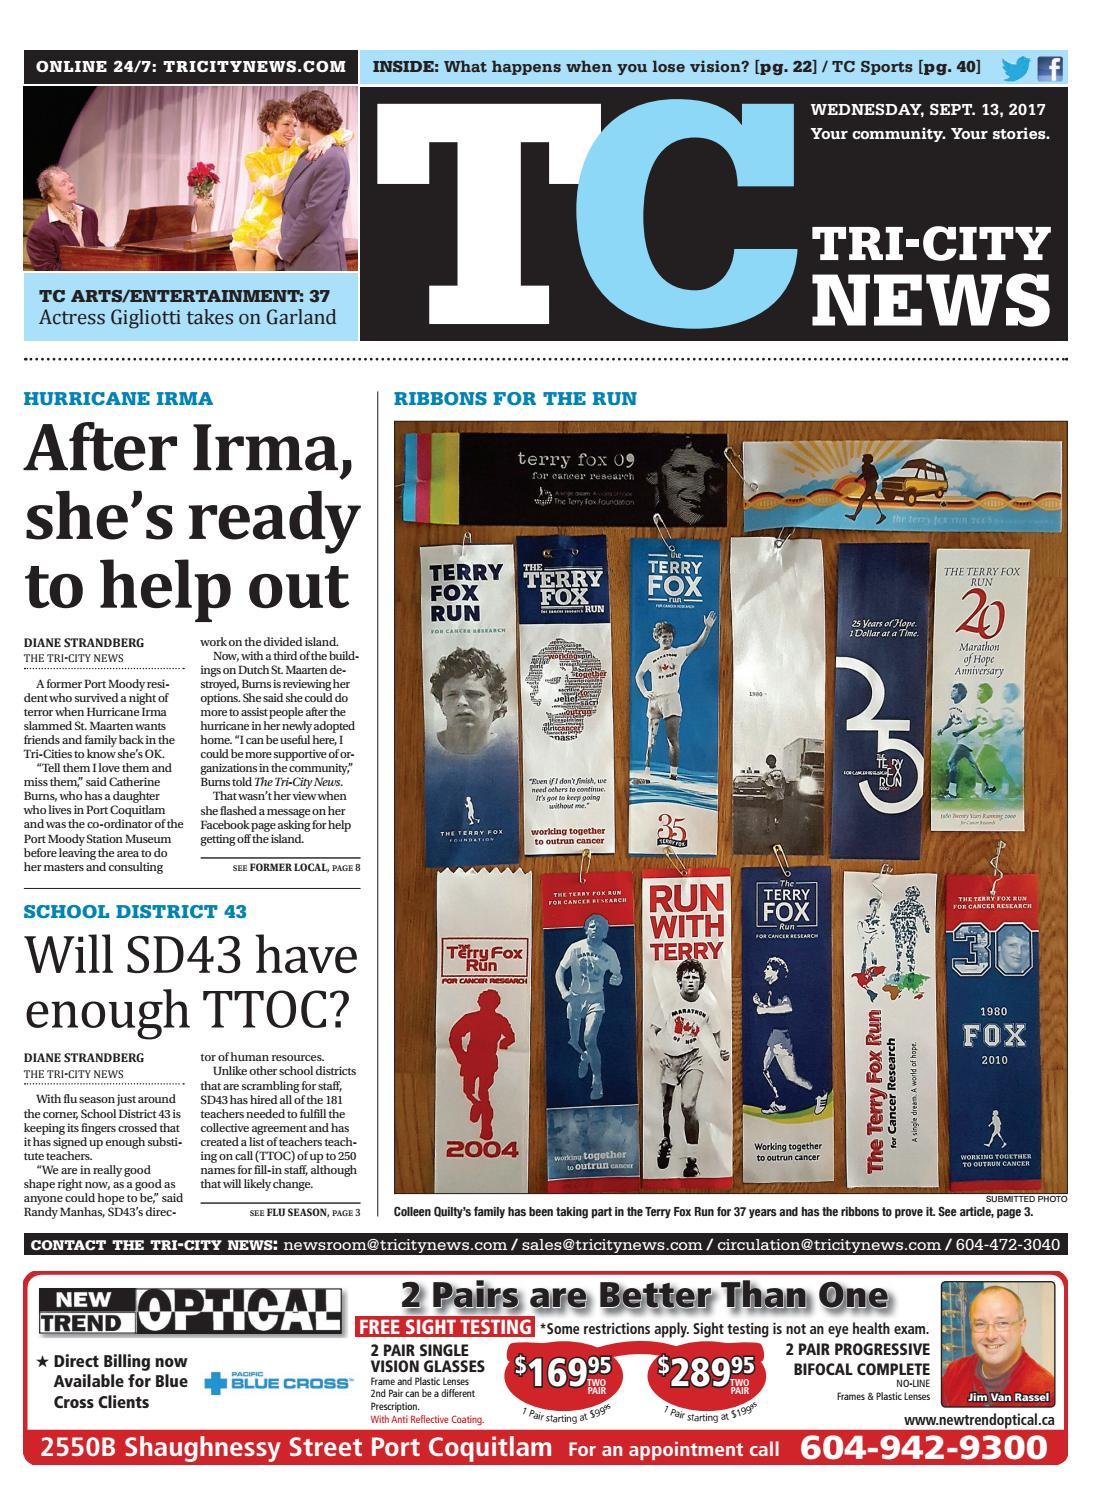 dee569fda001 Tri-City News September 13 2017 by Tri-City News - issuu